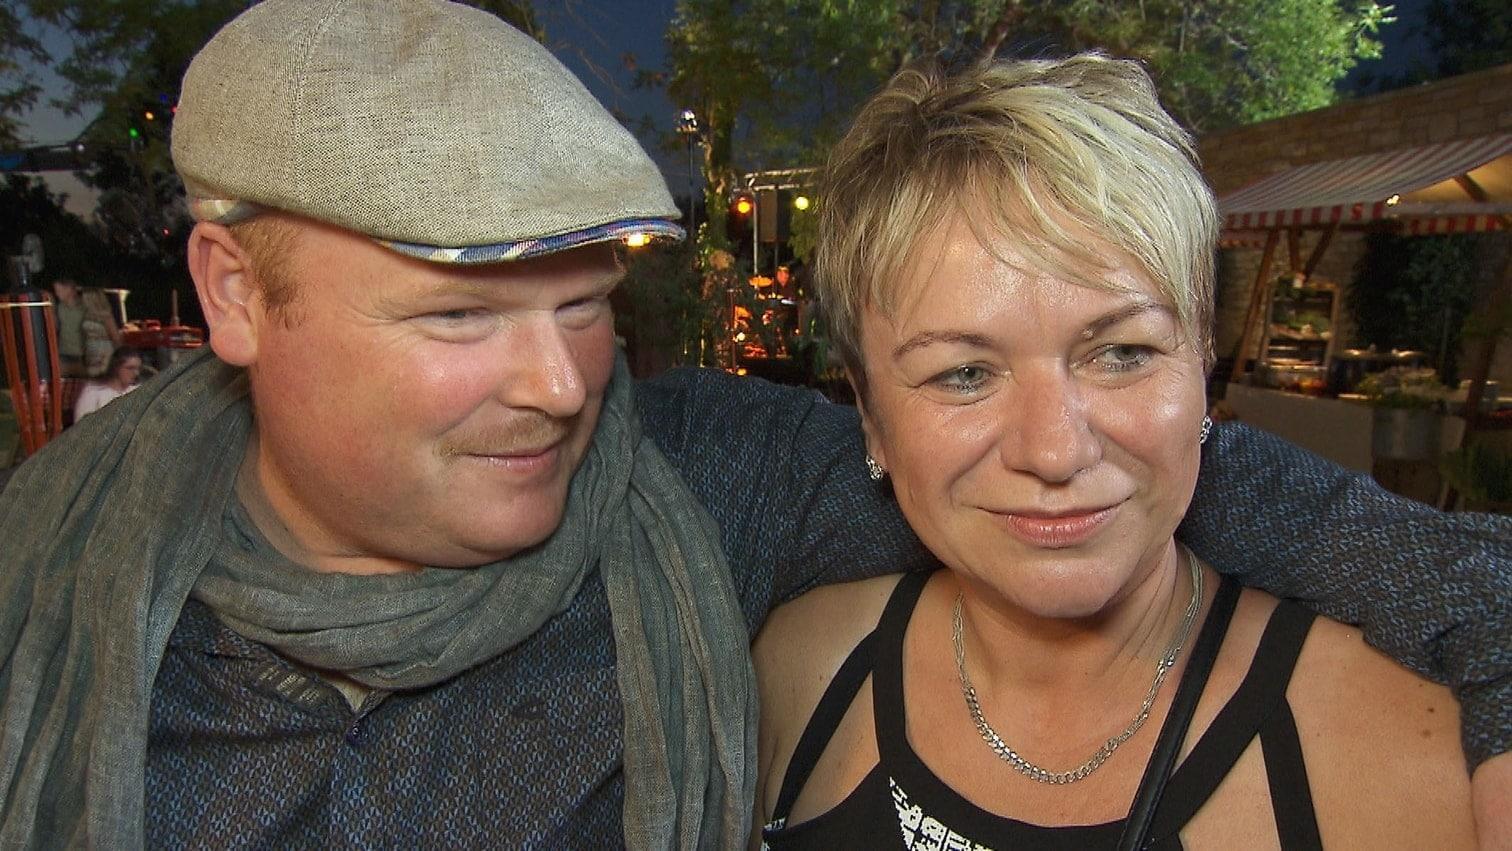 <p>Schon beim Scheunenfest küssten sich die beiden.</p> Foto: MG RTL D